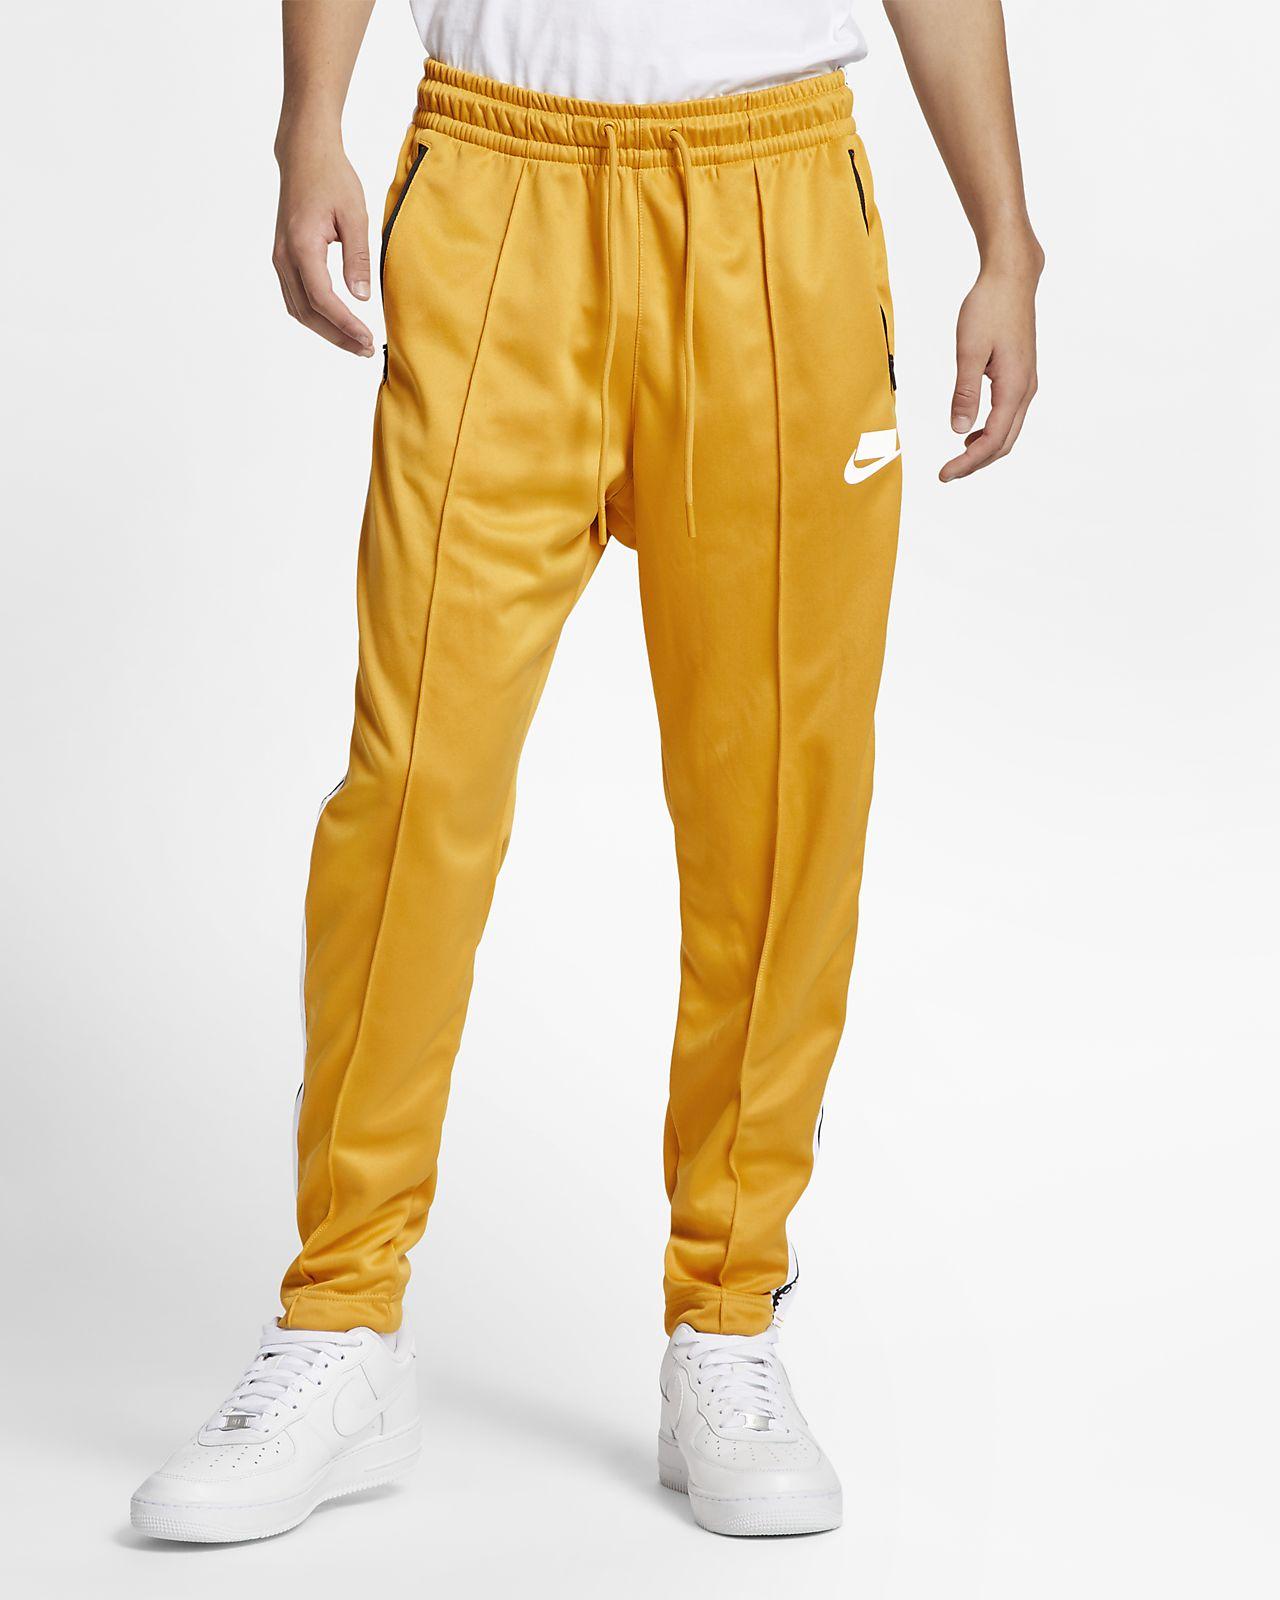 Nike Sportswear NSW Track-Pants